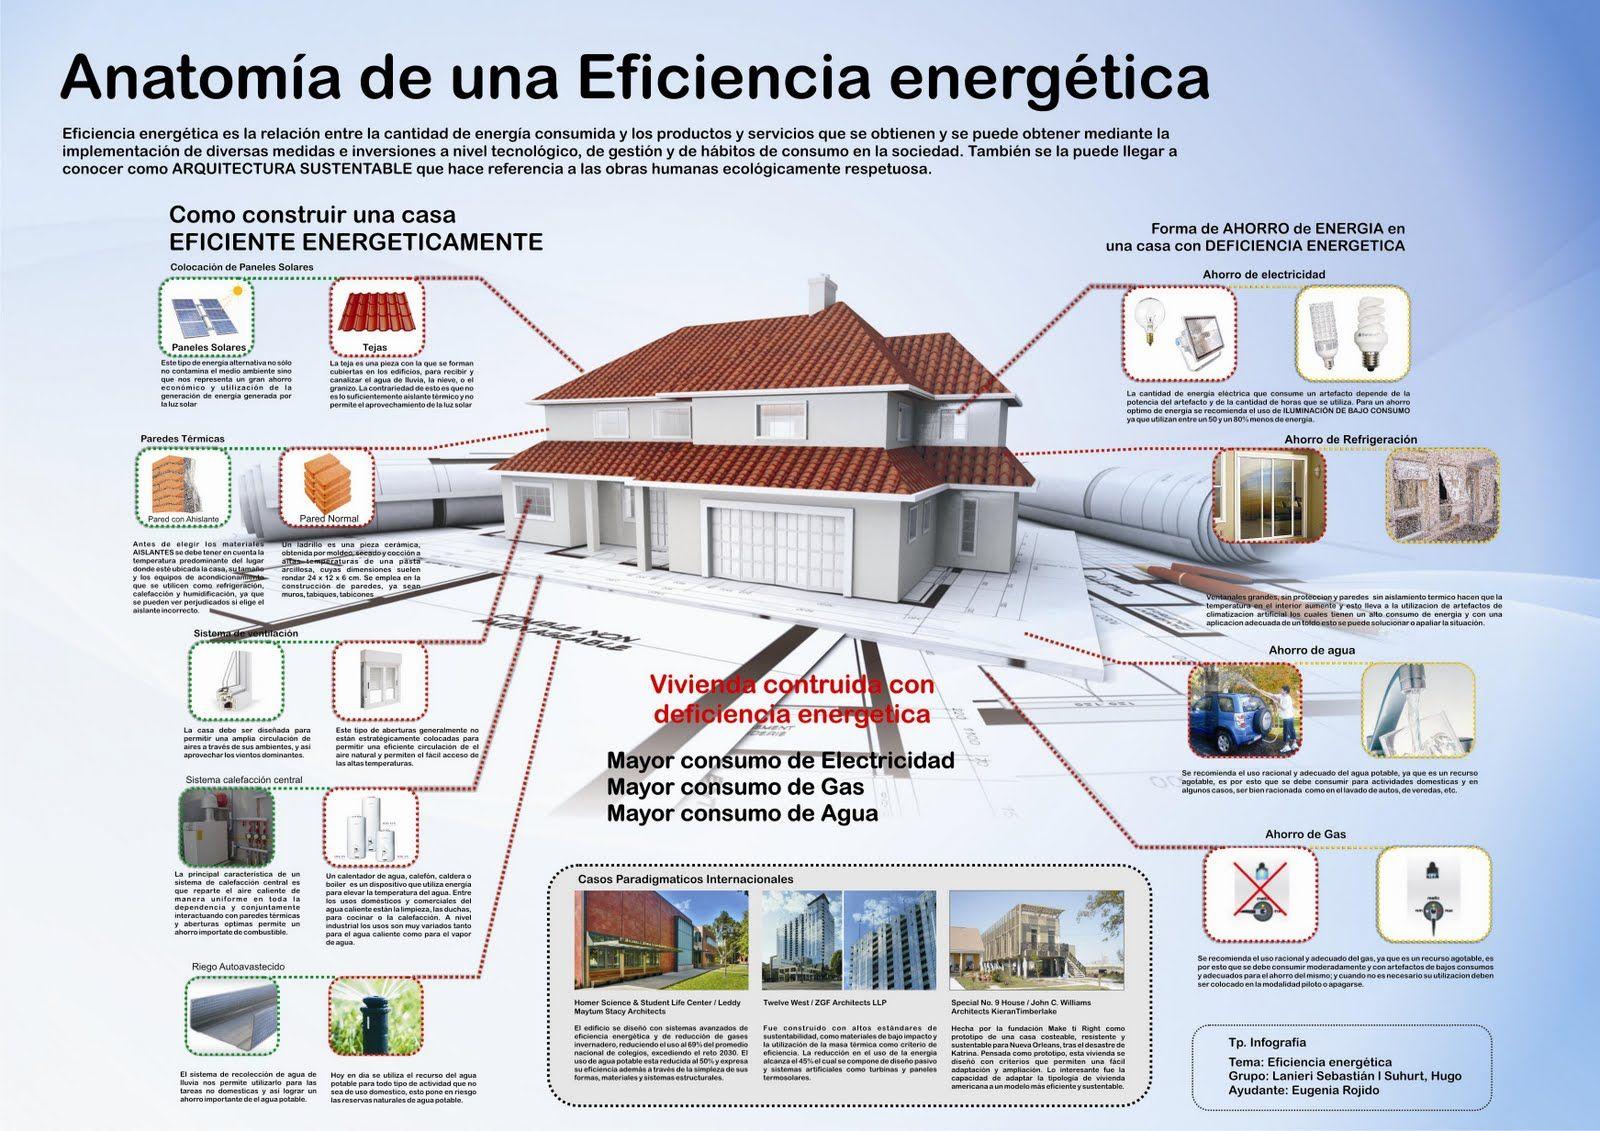 Resultado de imagen para eficiencia energetica casas